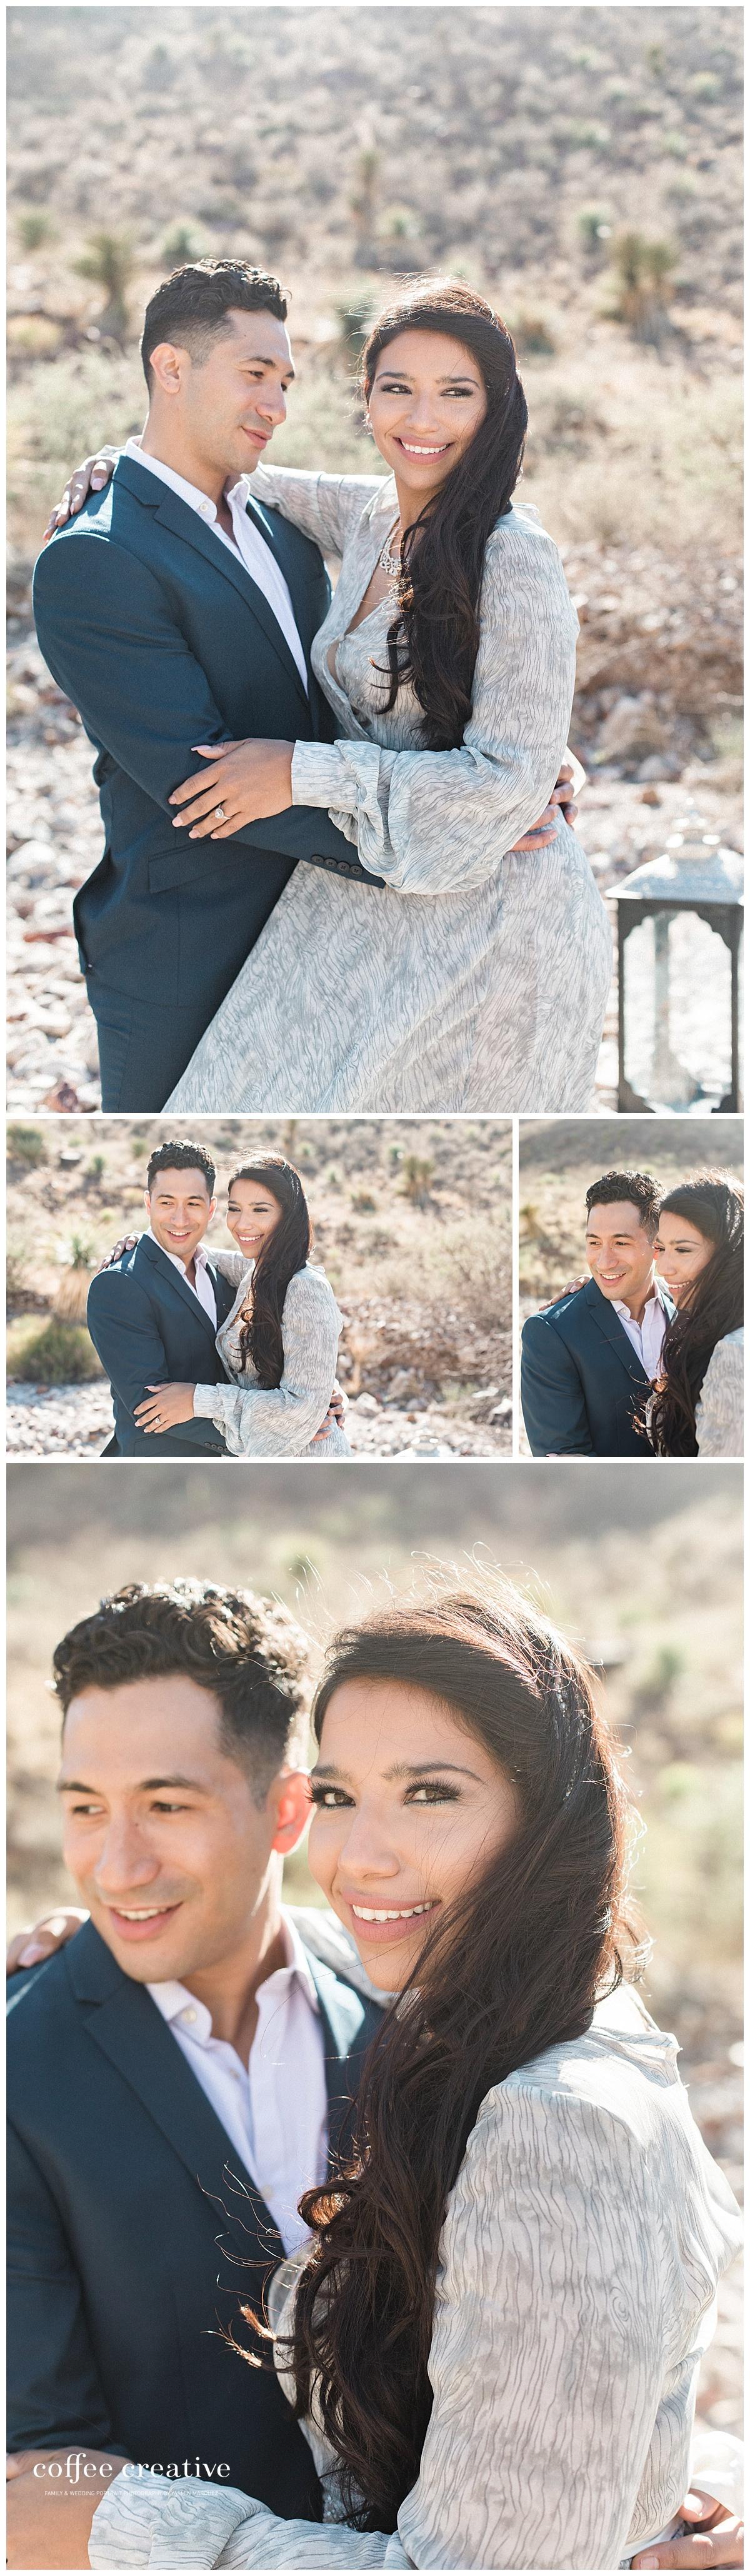 Romantic Engagement Session in El Paso